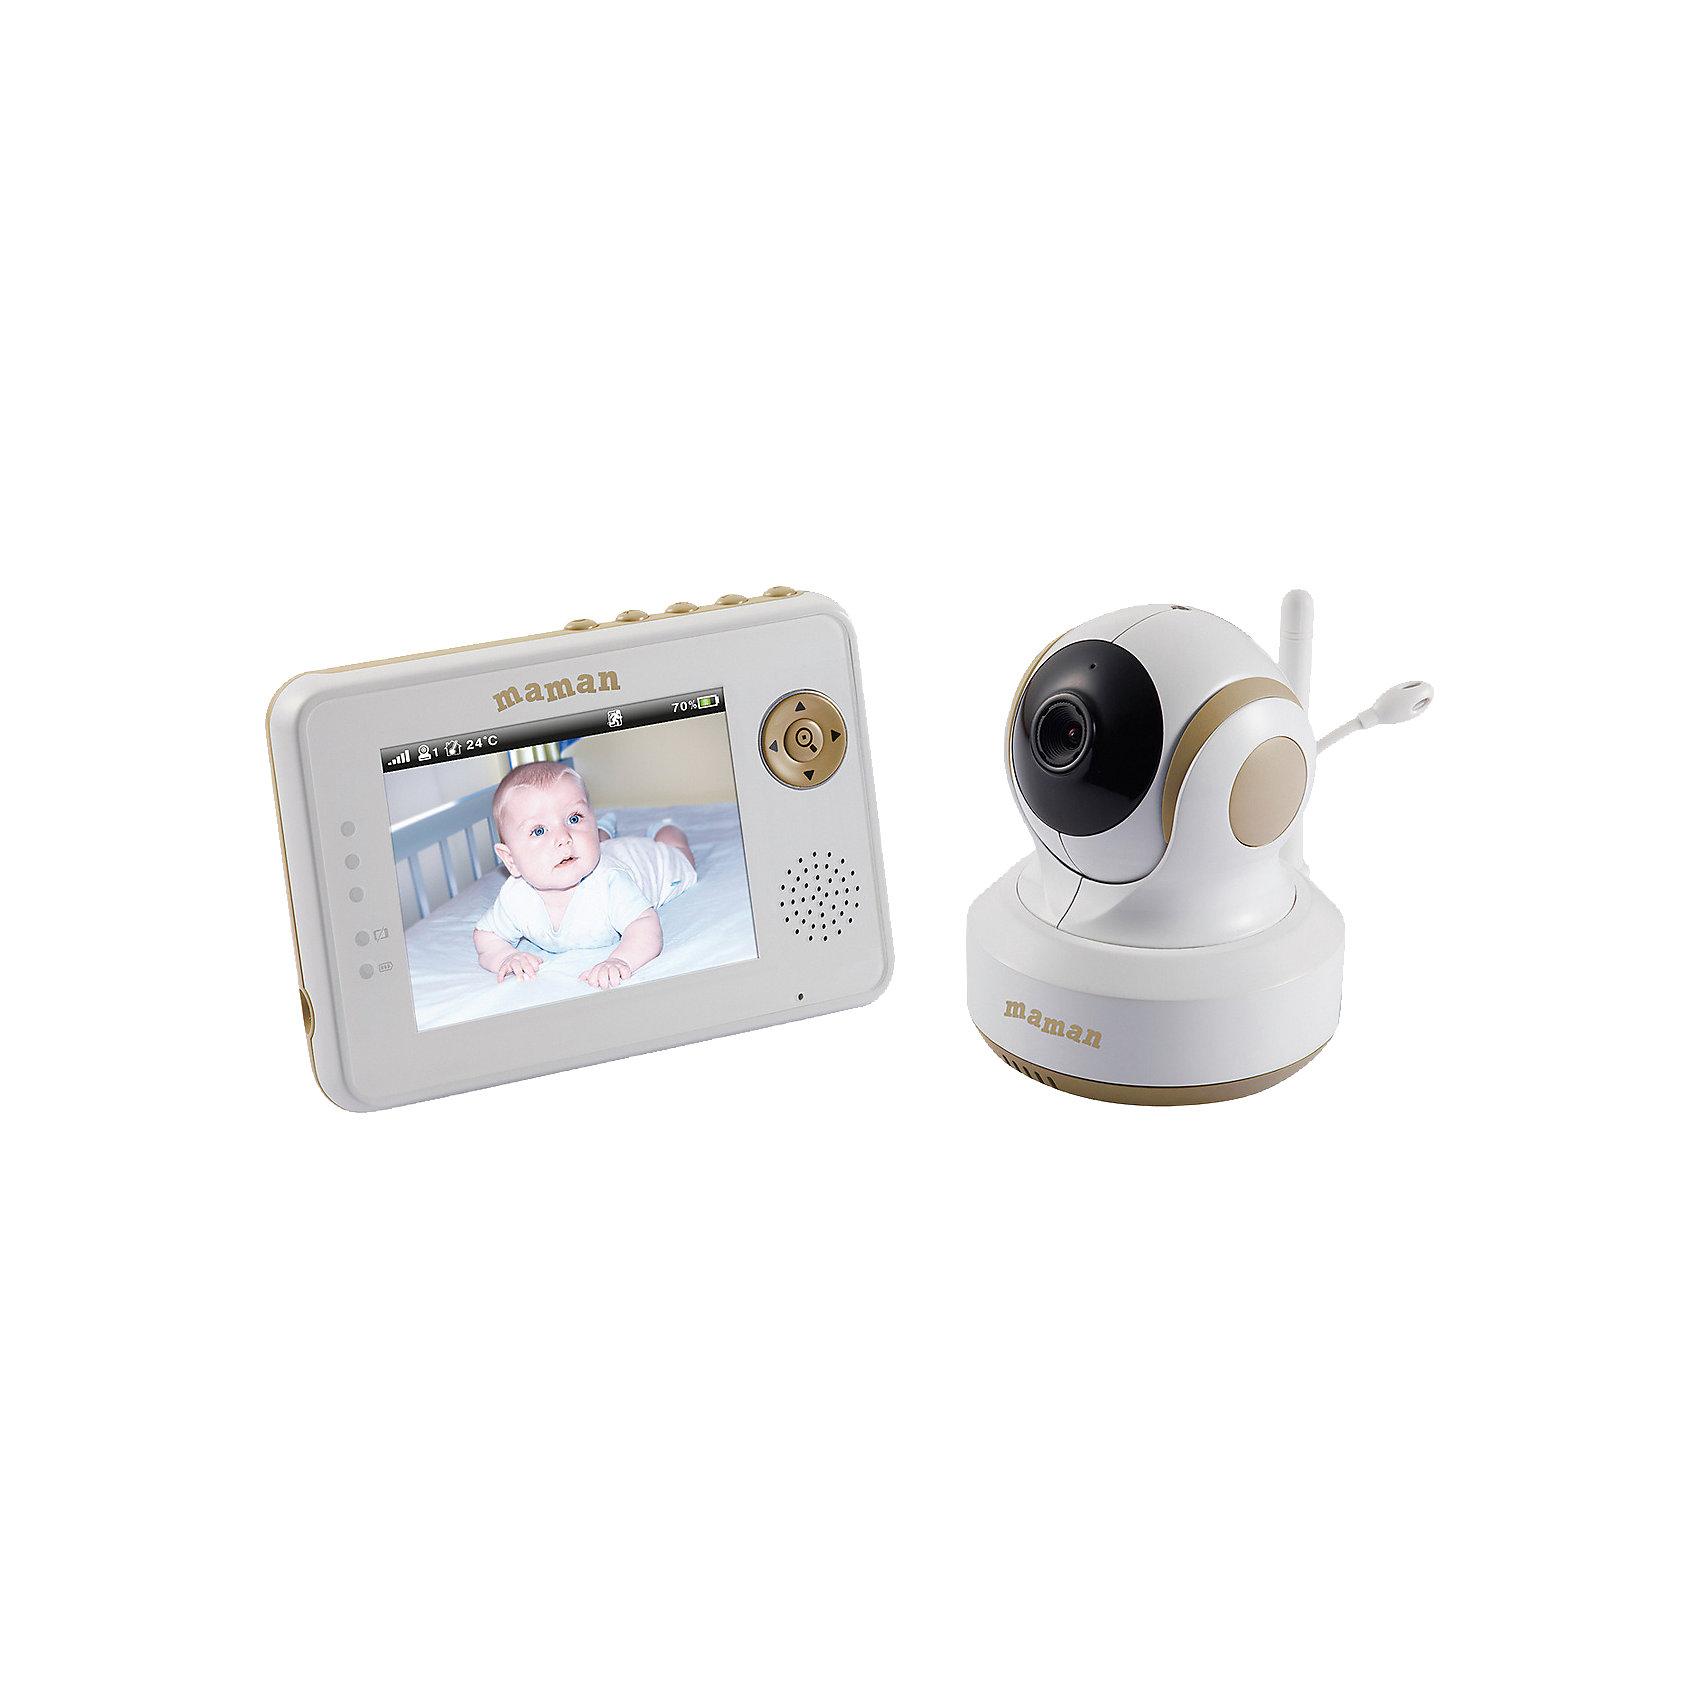 Видеоняня VM2502 MamanВидеоняня VM2502 Maman – это высокотехнологичная система для наблюдения за ребенком.<br>Видеоняня VM2502 Maman - это многофункциональная беспроводная система видеонаблюдения с функцией автоматического слежения и дистанционным управлением камерой с помощью кнопок монитора. Данная модель использует современную технологию передачи данных, которая позволяет избежать помех. Видеоняня позволит не только видеть и слышать вашего ребенка на расстоянии, но и поддерживать с ним двустороннюю связь. Таким образом, вы сможете своевременно обеспечить необходимый уход за малышом. Видеоняня представляет собой маломощное радиоустройство, передающее аудио- и видео-сигнал по радиоканалу в пределах помещения с дальностью действия до 150 метров на открытой местности. Питание камеры и монитора осуществляет от сети 220В. Монитор также может работать от аккумулятора. Имеется возможность настенного крепления камеры.<br><br>Дополнительная информация:<br><br>- В комплекте: камера, монитор, аккумулятор для монитора(Li-Ion, 1100 мАч), сетевой адаптер, комплект для крепления устройств к вертикальной поверхности, руководство пользователя<br>- Время заряда: 8 часов <br>- Цветной дисплей с диагональю 3,5 дюйма<br>- Режимы: «Обратная связь», «Ночное видение»<br>- Режим энергосбережения и голосовой активации<br>- Проигрывание колыбельных мелодий (3 мелодии)<br>- Измерение температуры в комнате<br>- Таймер кормления<br>- 2-кратное увеличение изображения<br>- Регулировка уровня чувствительности, звука, яркости<br>- Раскладные антенны<br>- Световая индикация низкого заряда батареи<br>- Индикация процесса зарядки аккумуляторной батареи<br>- Зажим для размещения на поясе<br>- Размеры: монитора - 120 x 80 x 25 мм, камеры - 105 x 100 x 85мм.<br>- Вес: монитора – 135 г., камеры - 220 г.<br>- Размер в упаковке: 260 x 250 x 130 мм.<br>- Вес в упаковке: 1035 гр.<br>- Гарантия: 1 год<br><br>Видеоняню VM2502 Maman можно купить в нашем интернет-магазине.<br><br>Ширина мм: 125<br>Глубина мм: 25